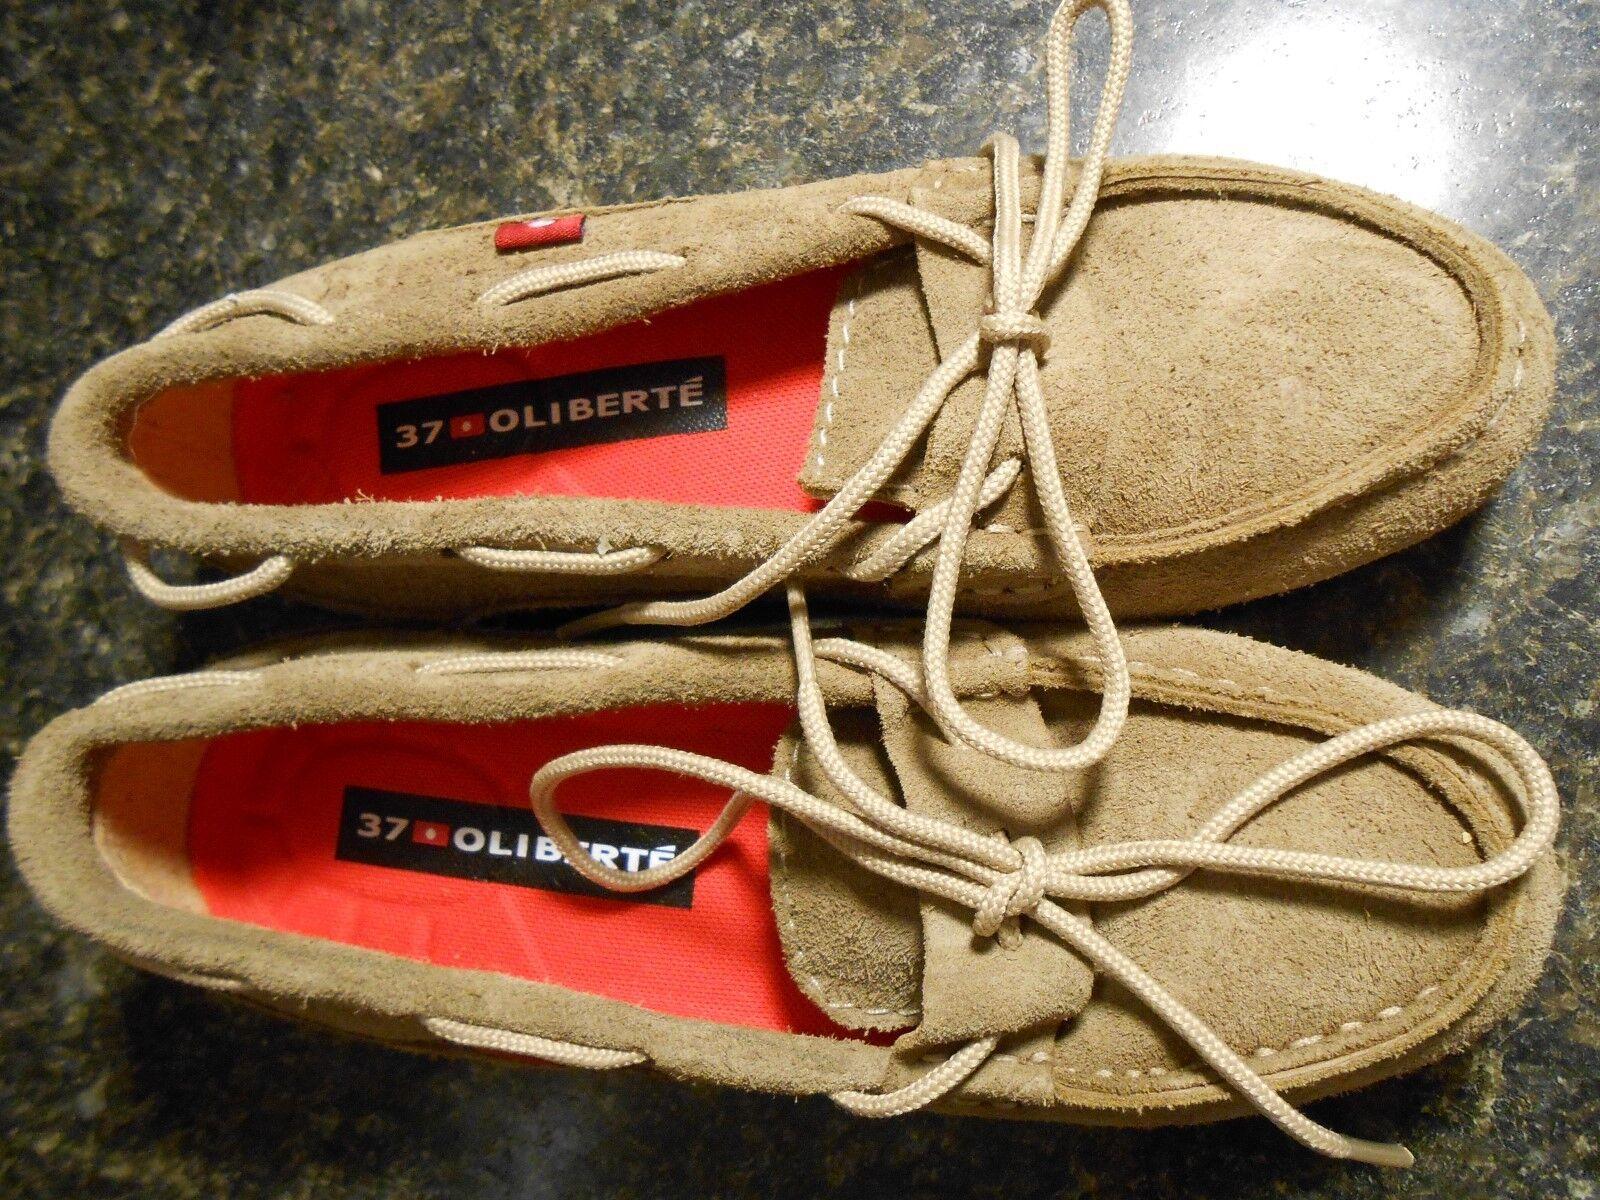 presentando tutte le ultime tendenze della moda Oliberte mocha suede Niami leather boat scarpe scarpe scarpe flats display Dimensione 7M New no box  shopping online di moda